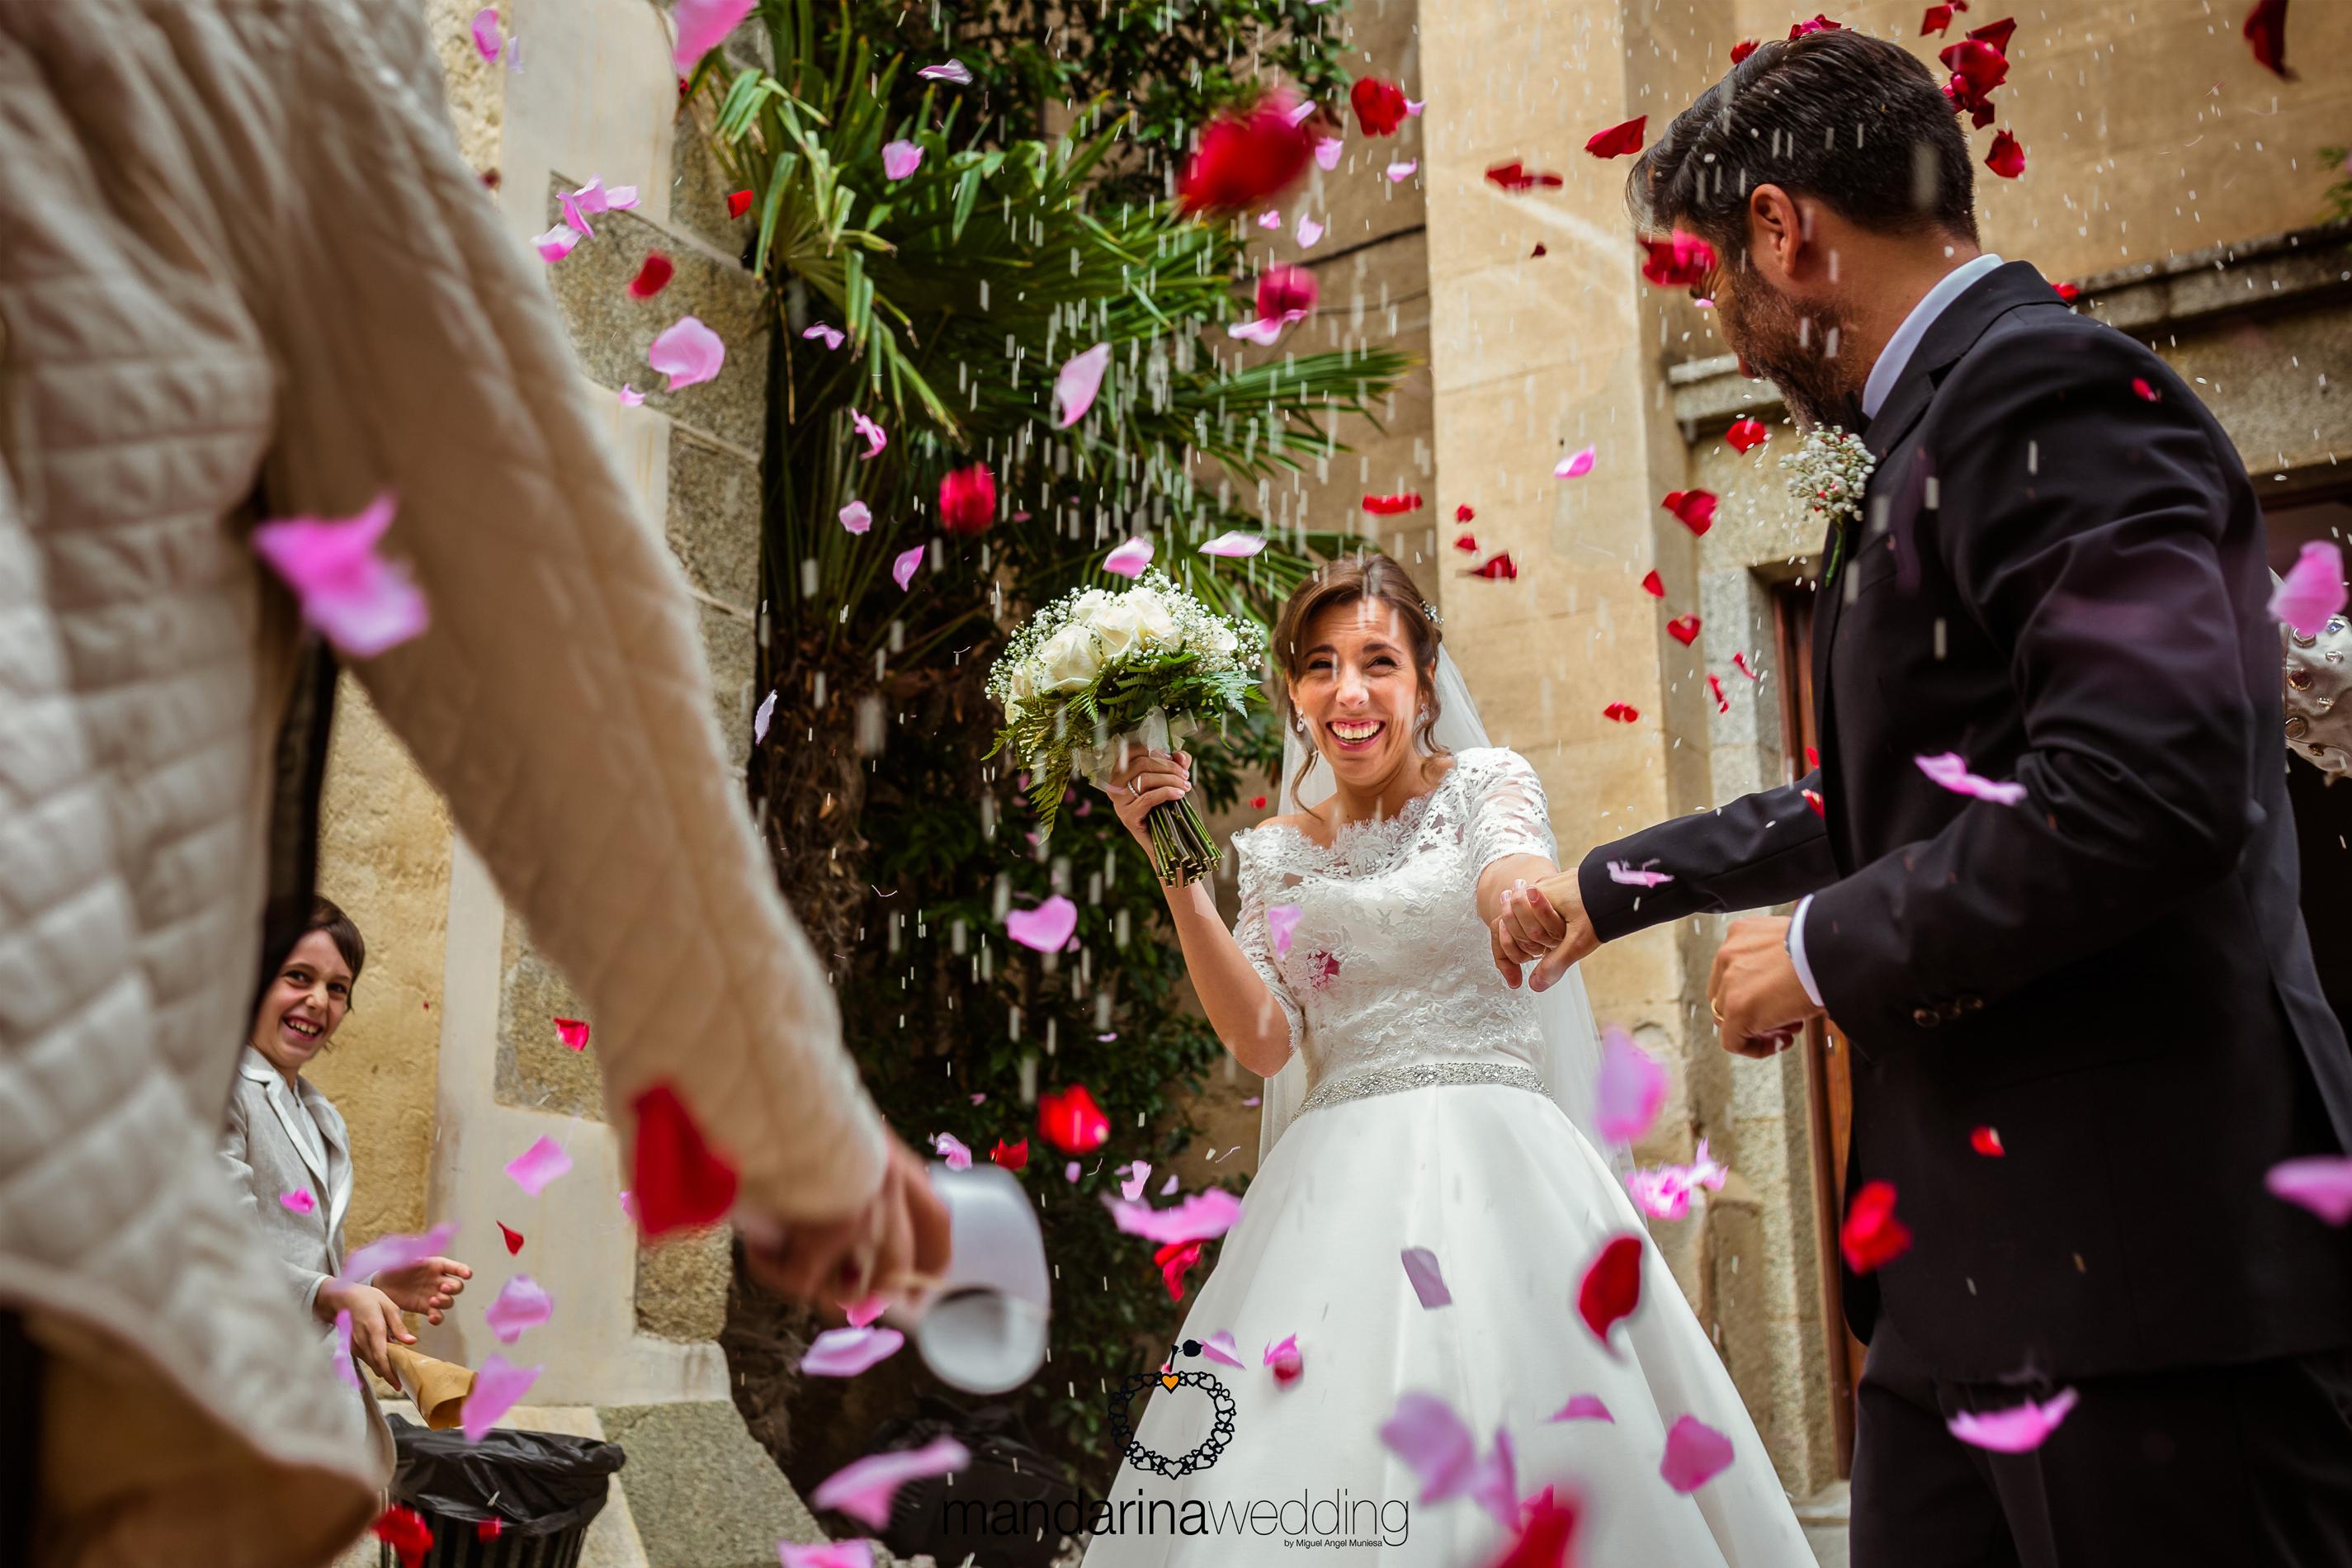 mandarina-wedding-fotografos-boda-zaragoza-bodas-fotografia-de-boda-fotografos-de-boda_07